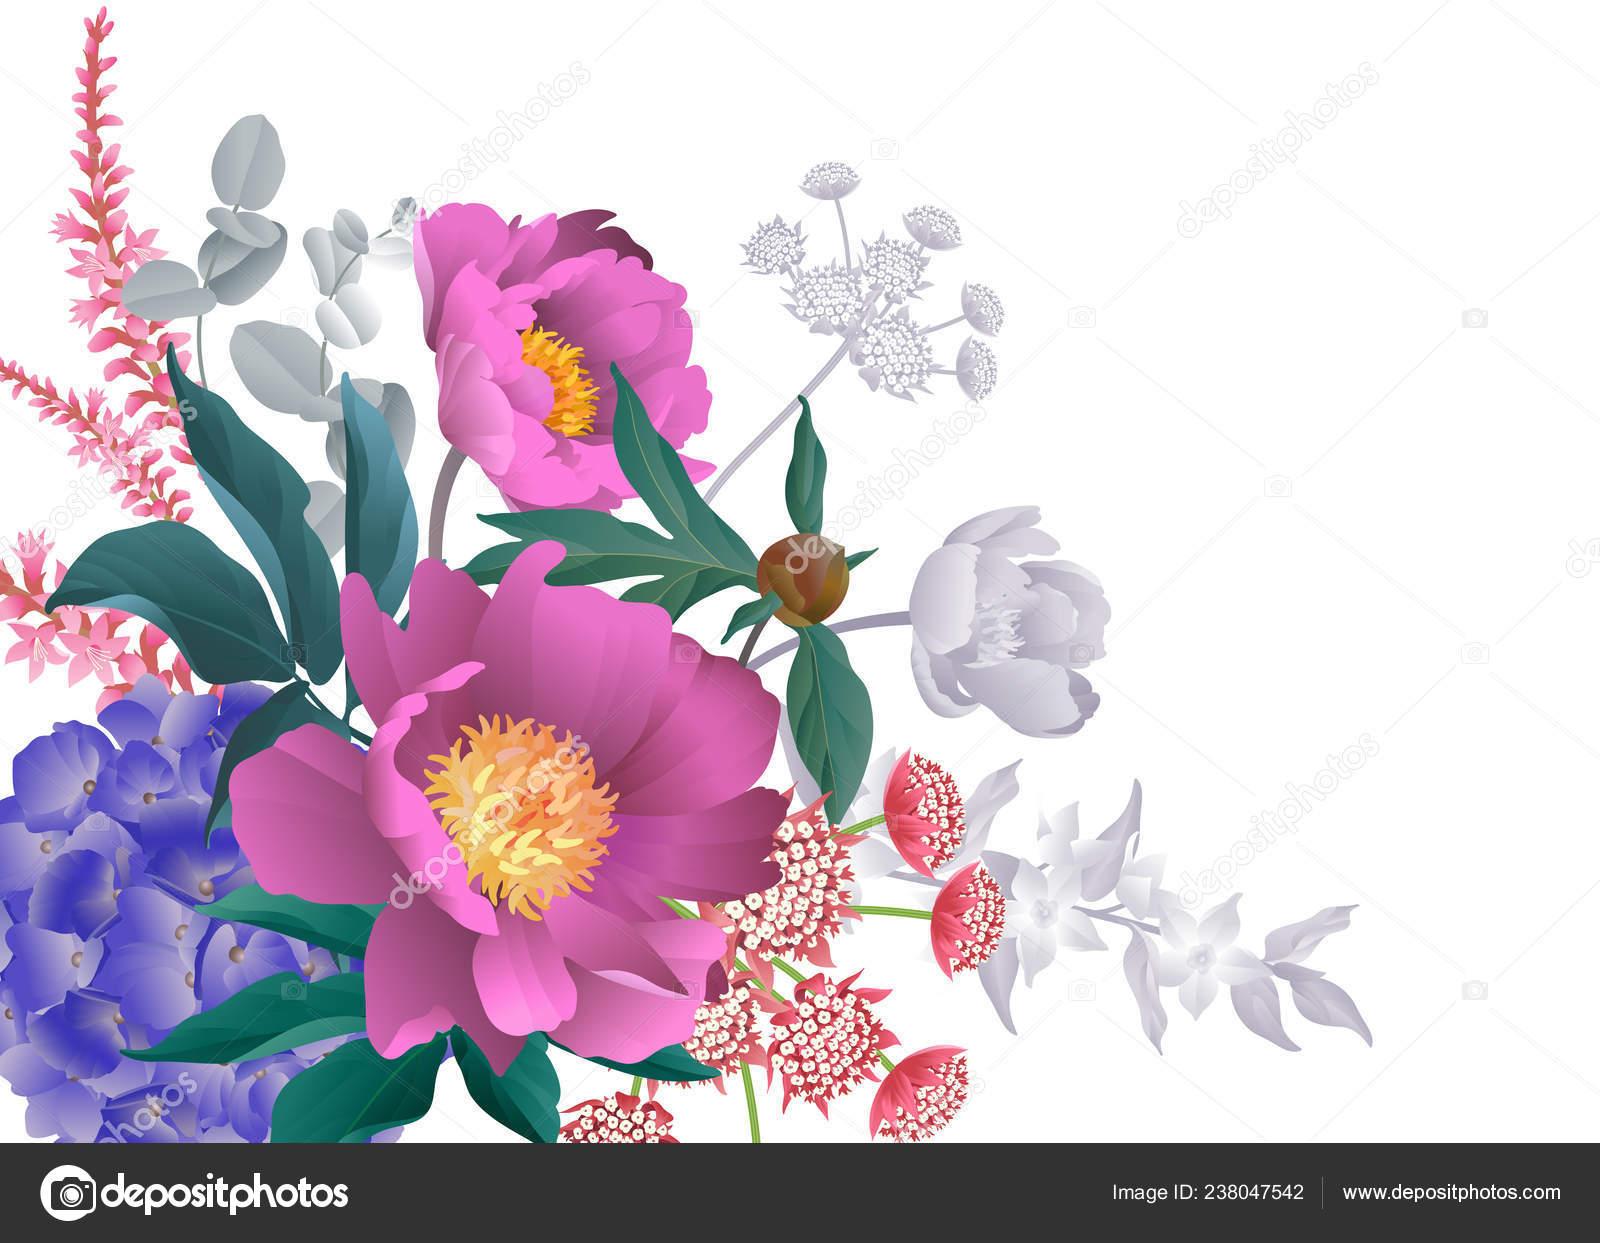 Pivoines De Bouquet Hortensias Branches Deucalyptus Feuilles Herbes Fond Blanc Motif Floral Et Lespace Pour Le Texte Design Carte Visite